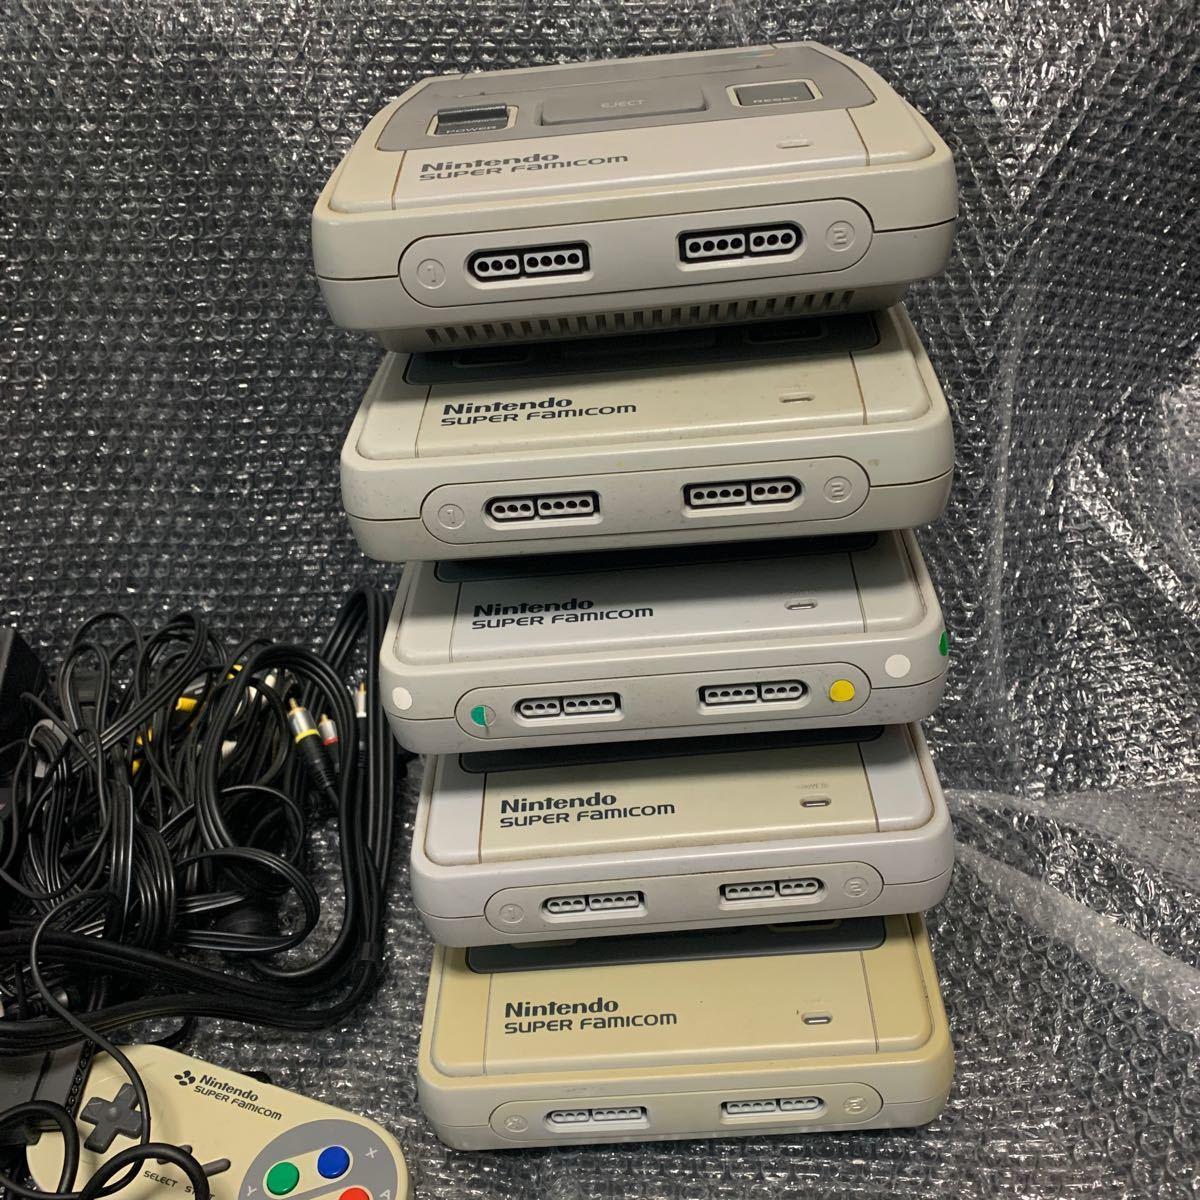 任天堂 ニンテンドー スーパーファミコン 本体 まとめ売り ジャンク扱い  Nintendo 値下げ品